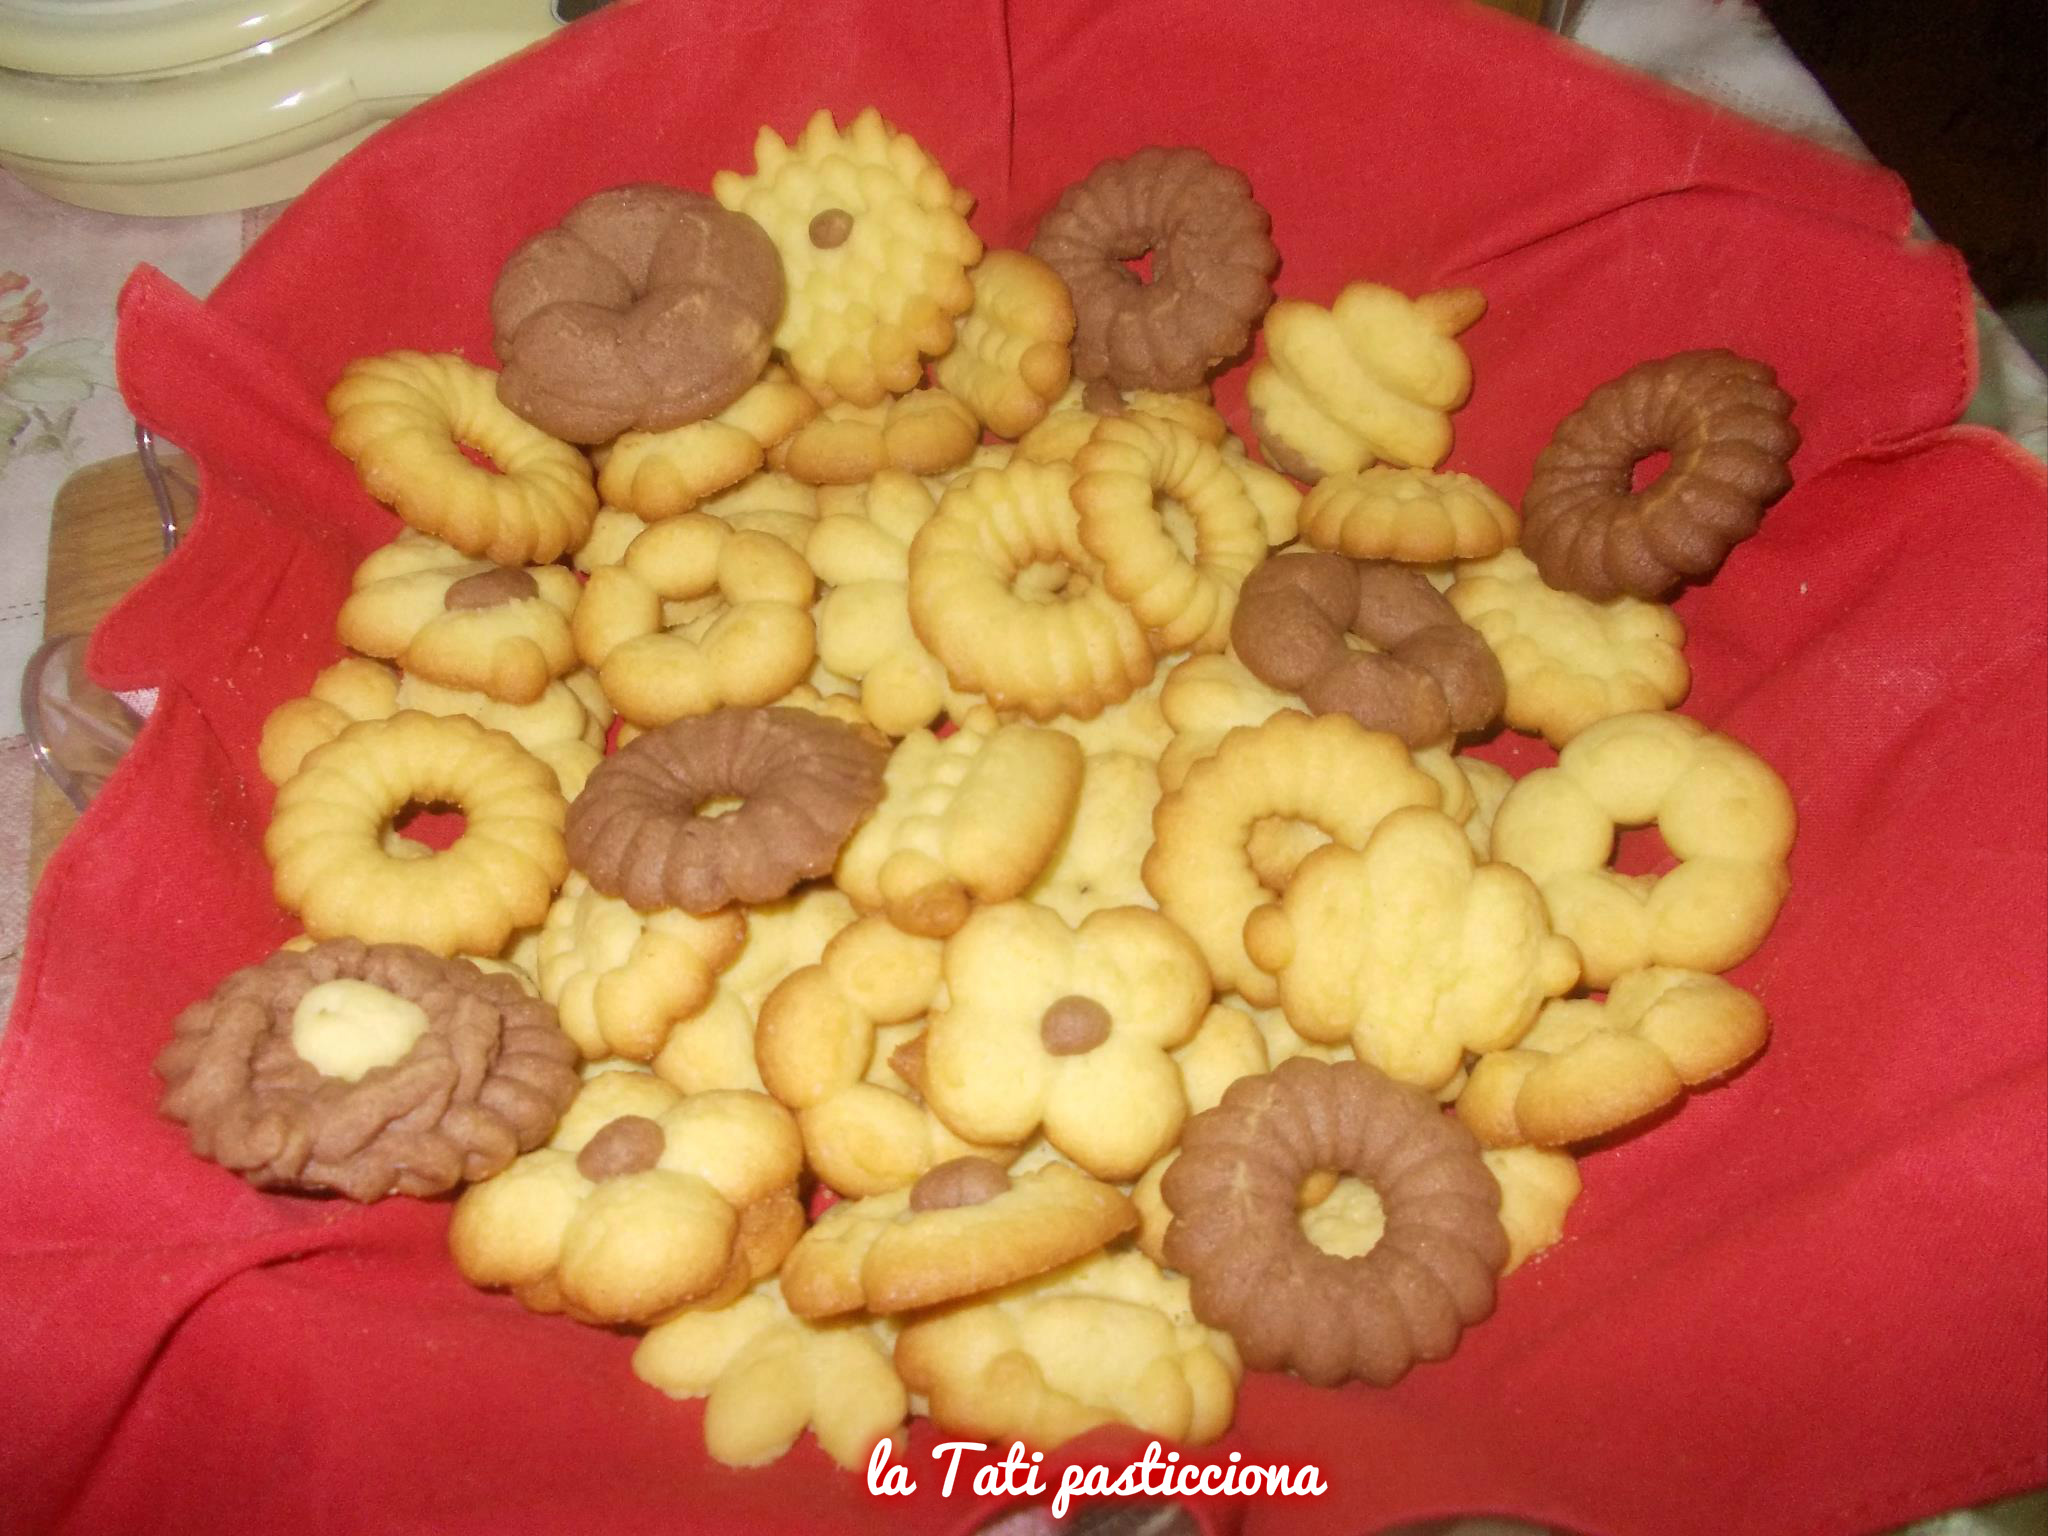 biscottini al burro con la sparabiscotti